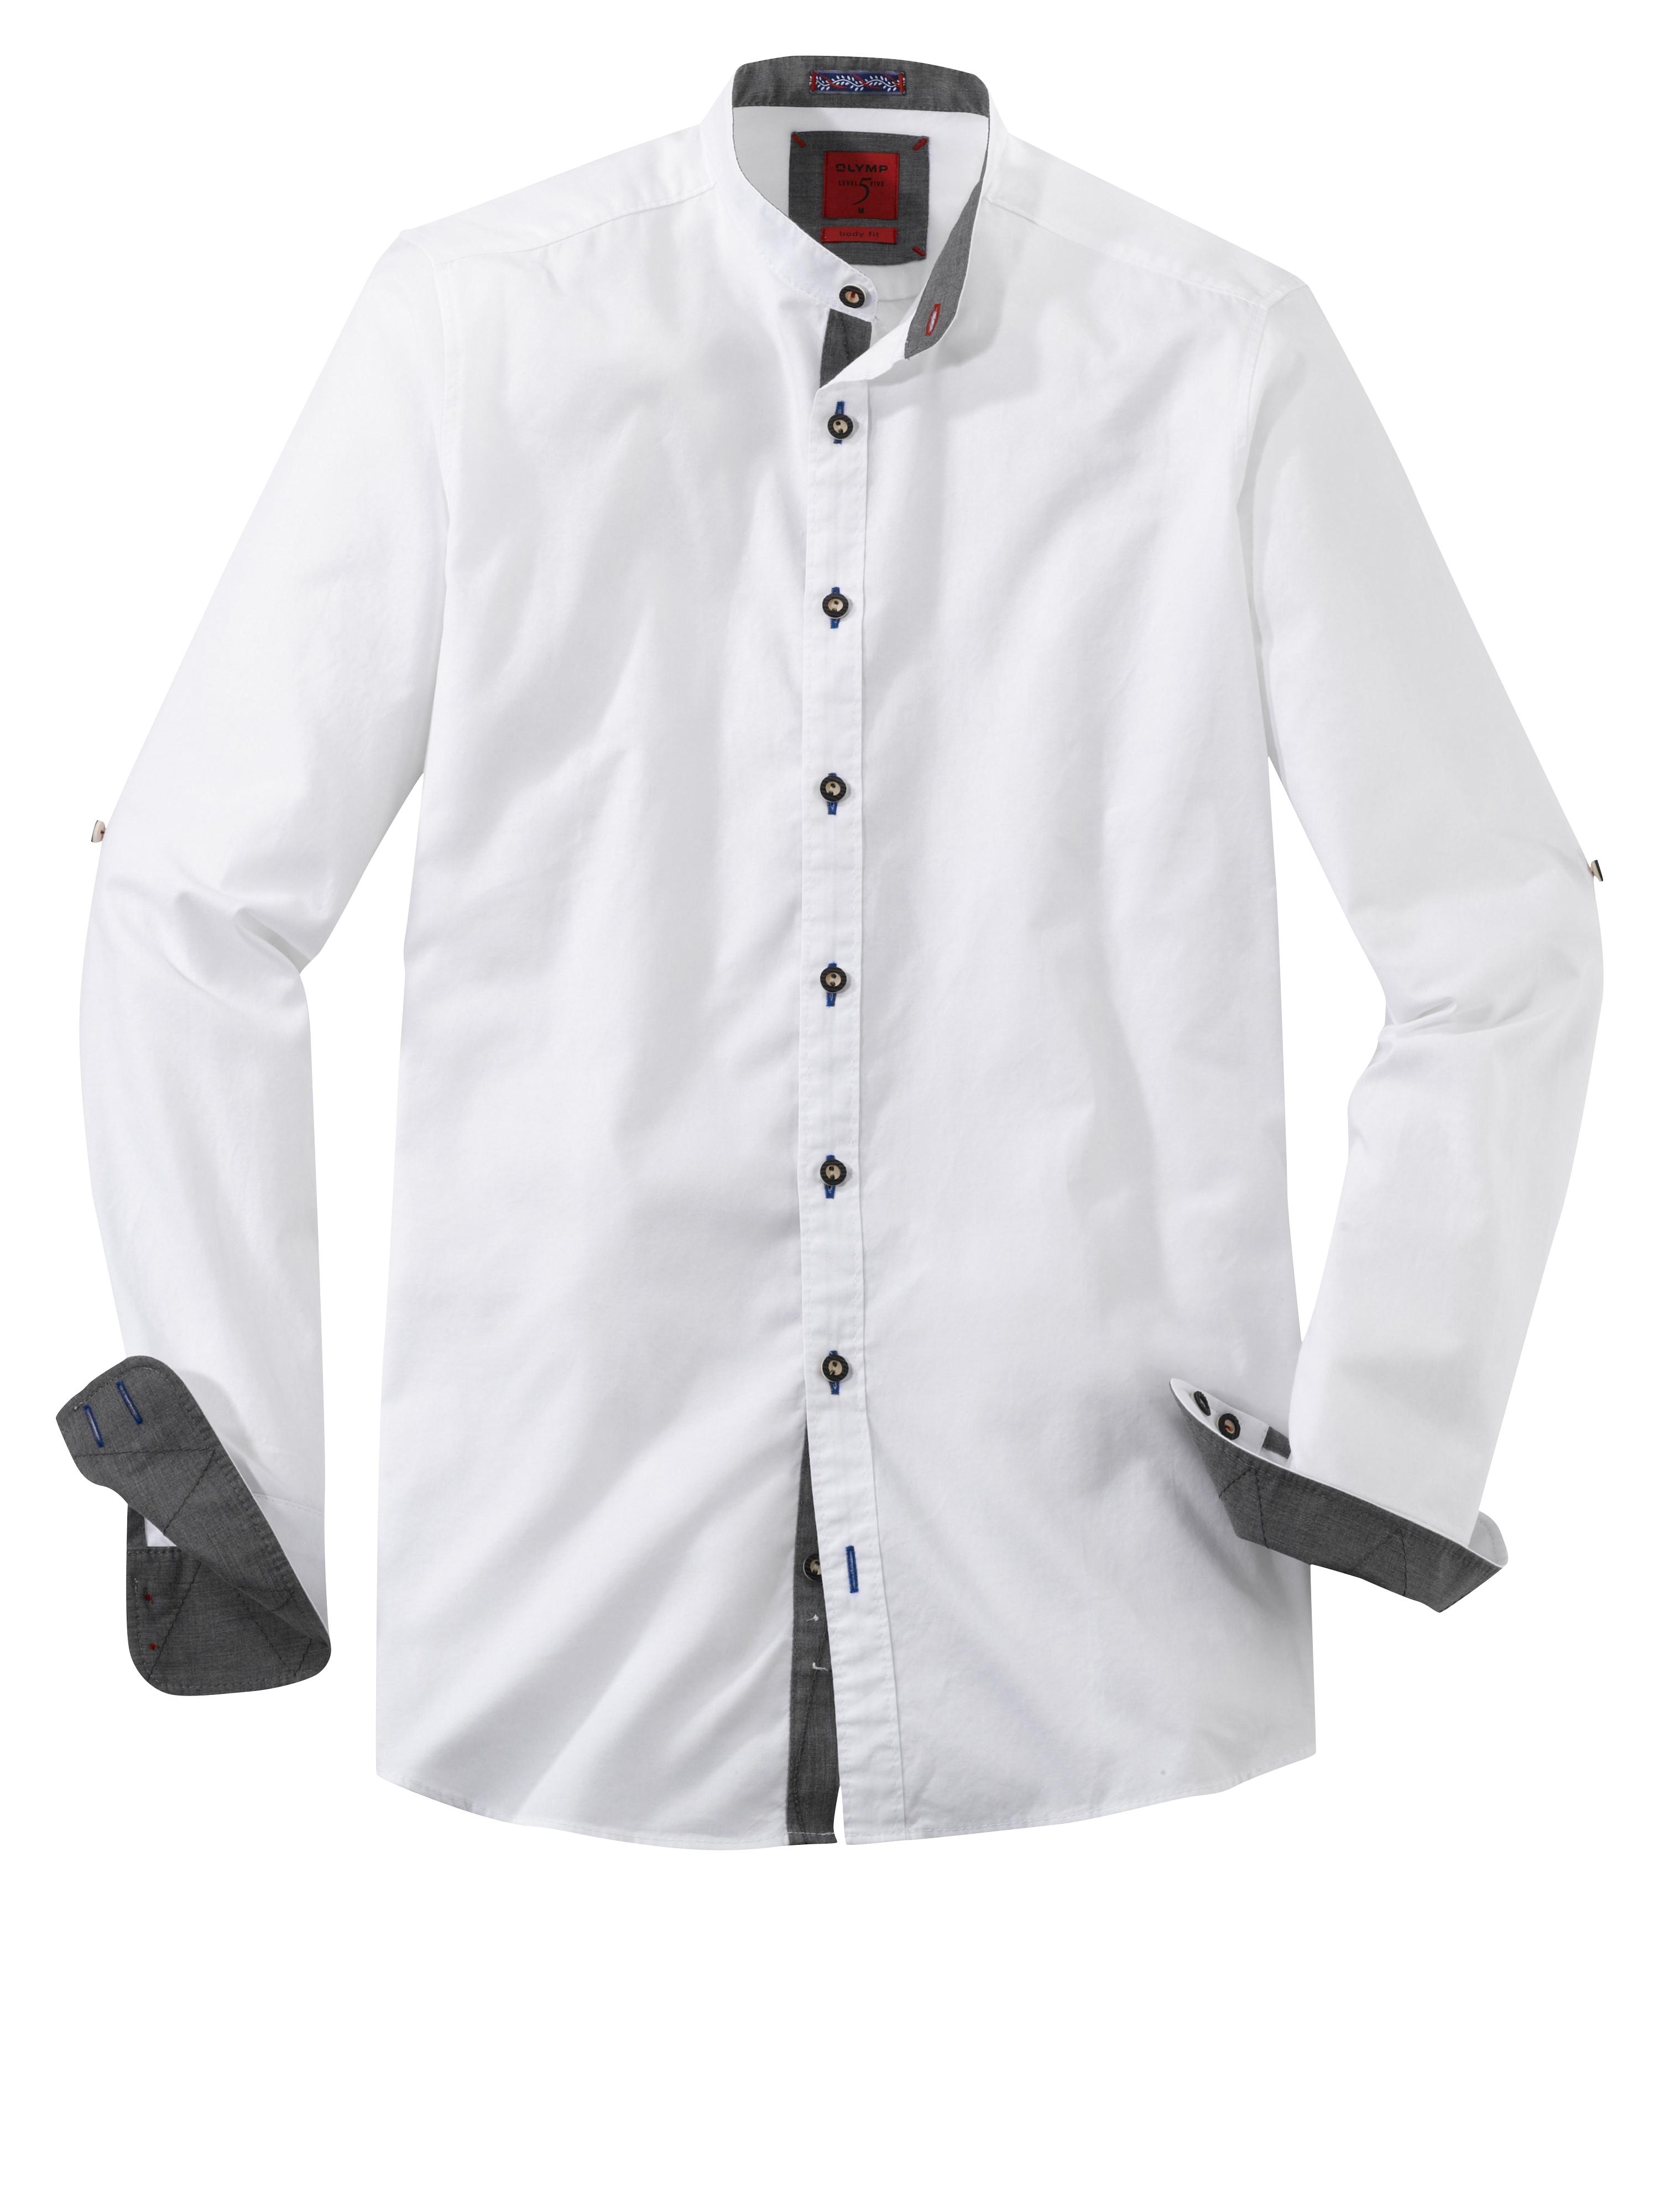 OLYMP Trachtenhemd, body fit, Stehkragen, Weiß, M | Bekleidung > Hemden > Trachtenhemden | Weiß | 100% baumwolle | OLYMP Trachtenhemd